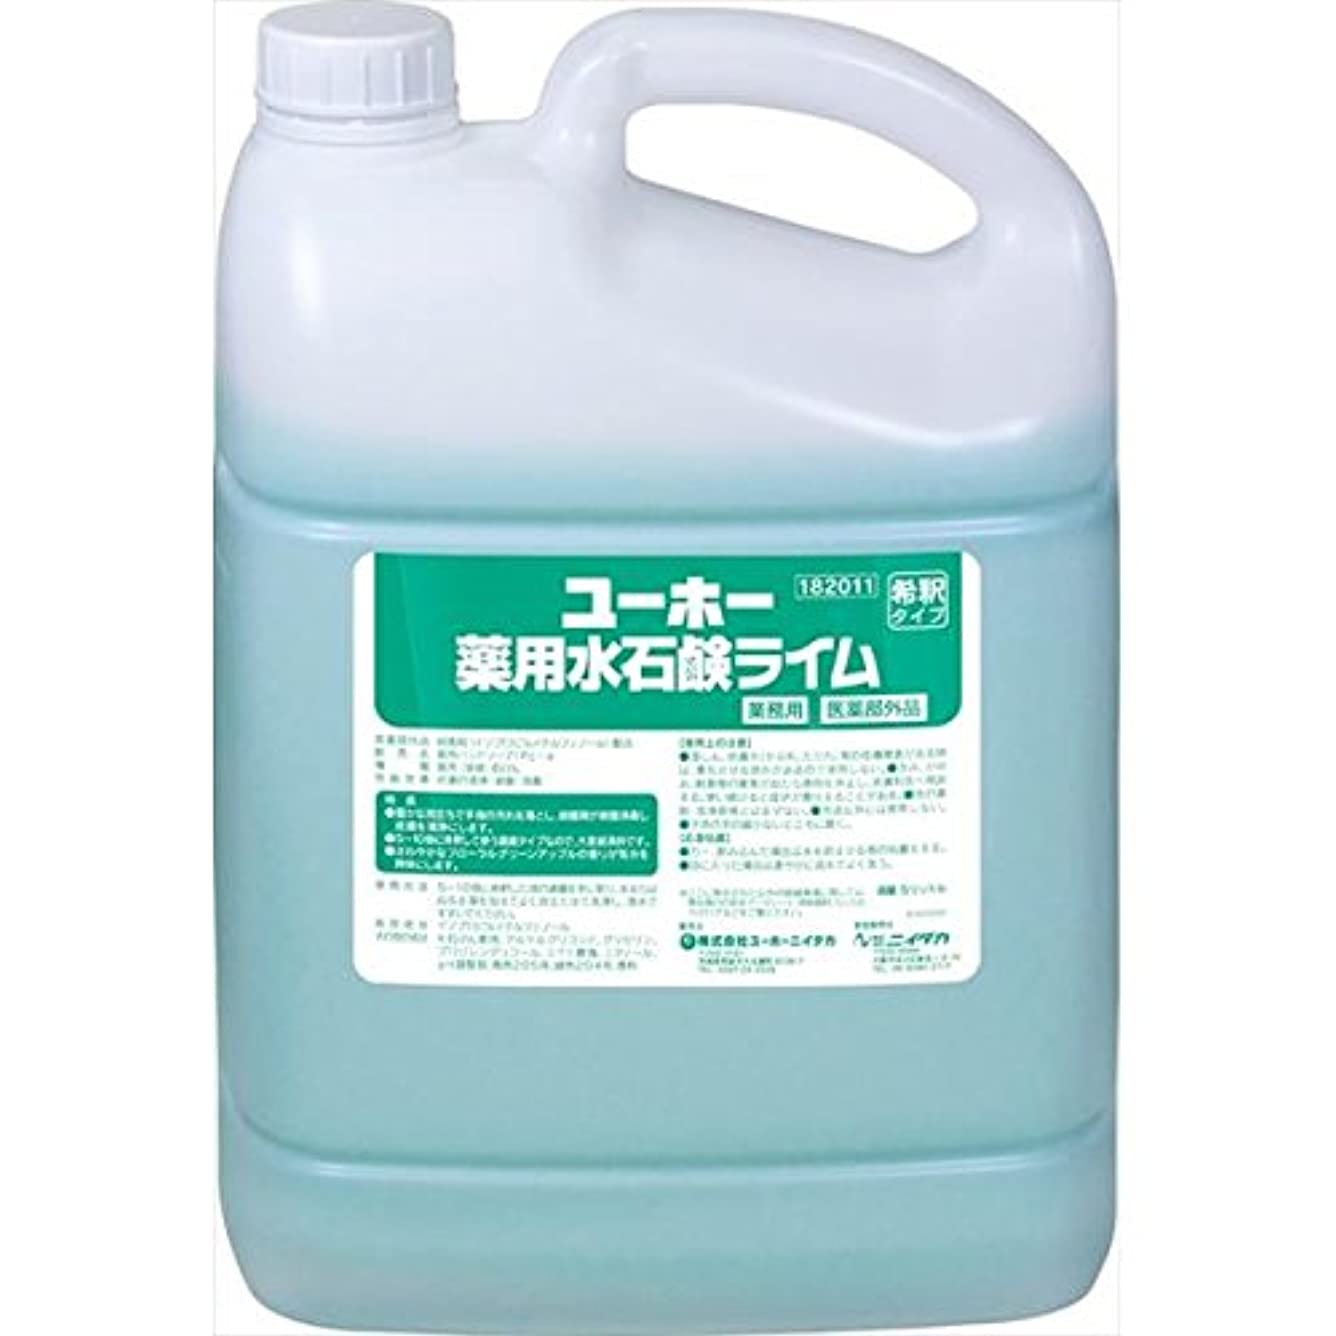 十年繰り返したエンジンユーホーニイタカ:薬用水石鹸ライム 5L×2 182011